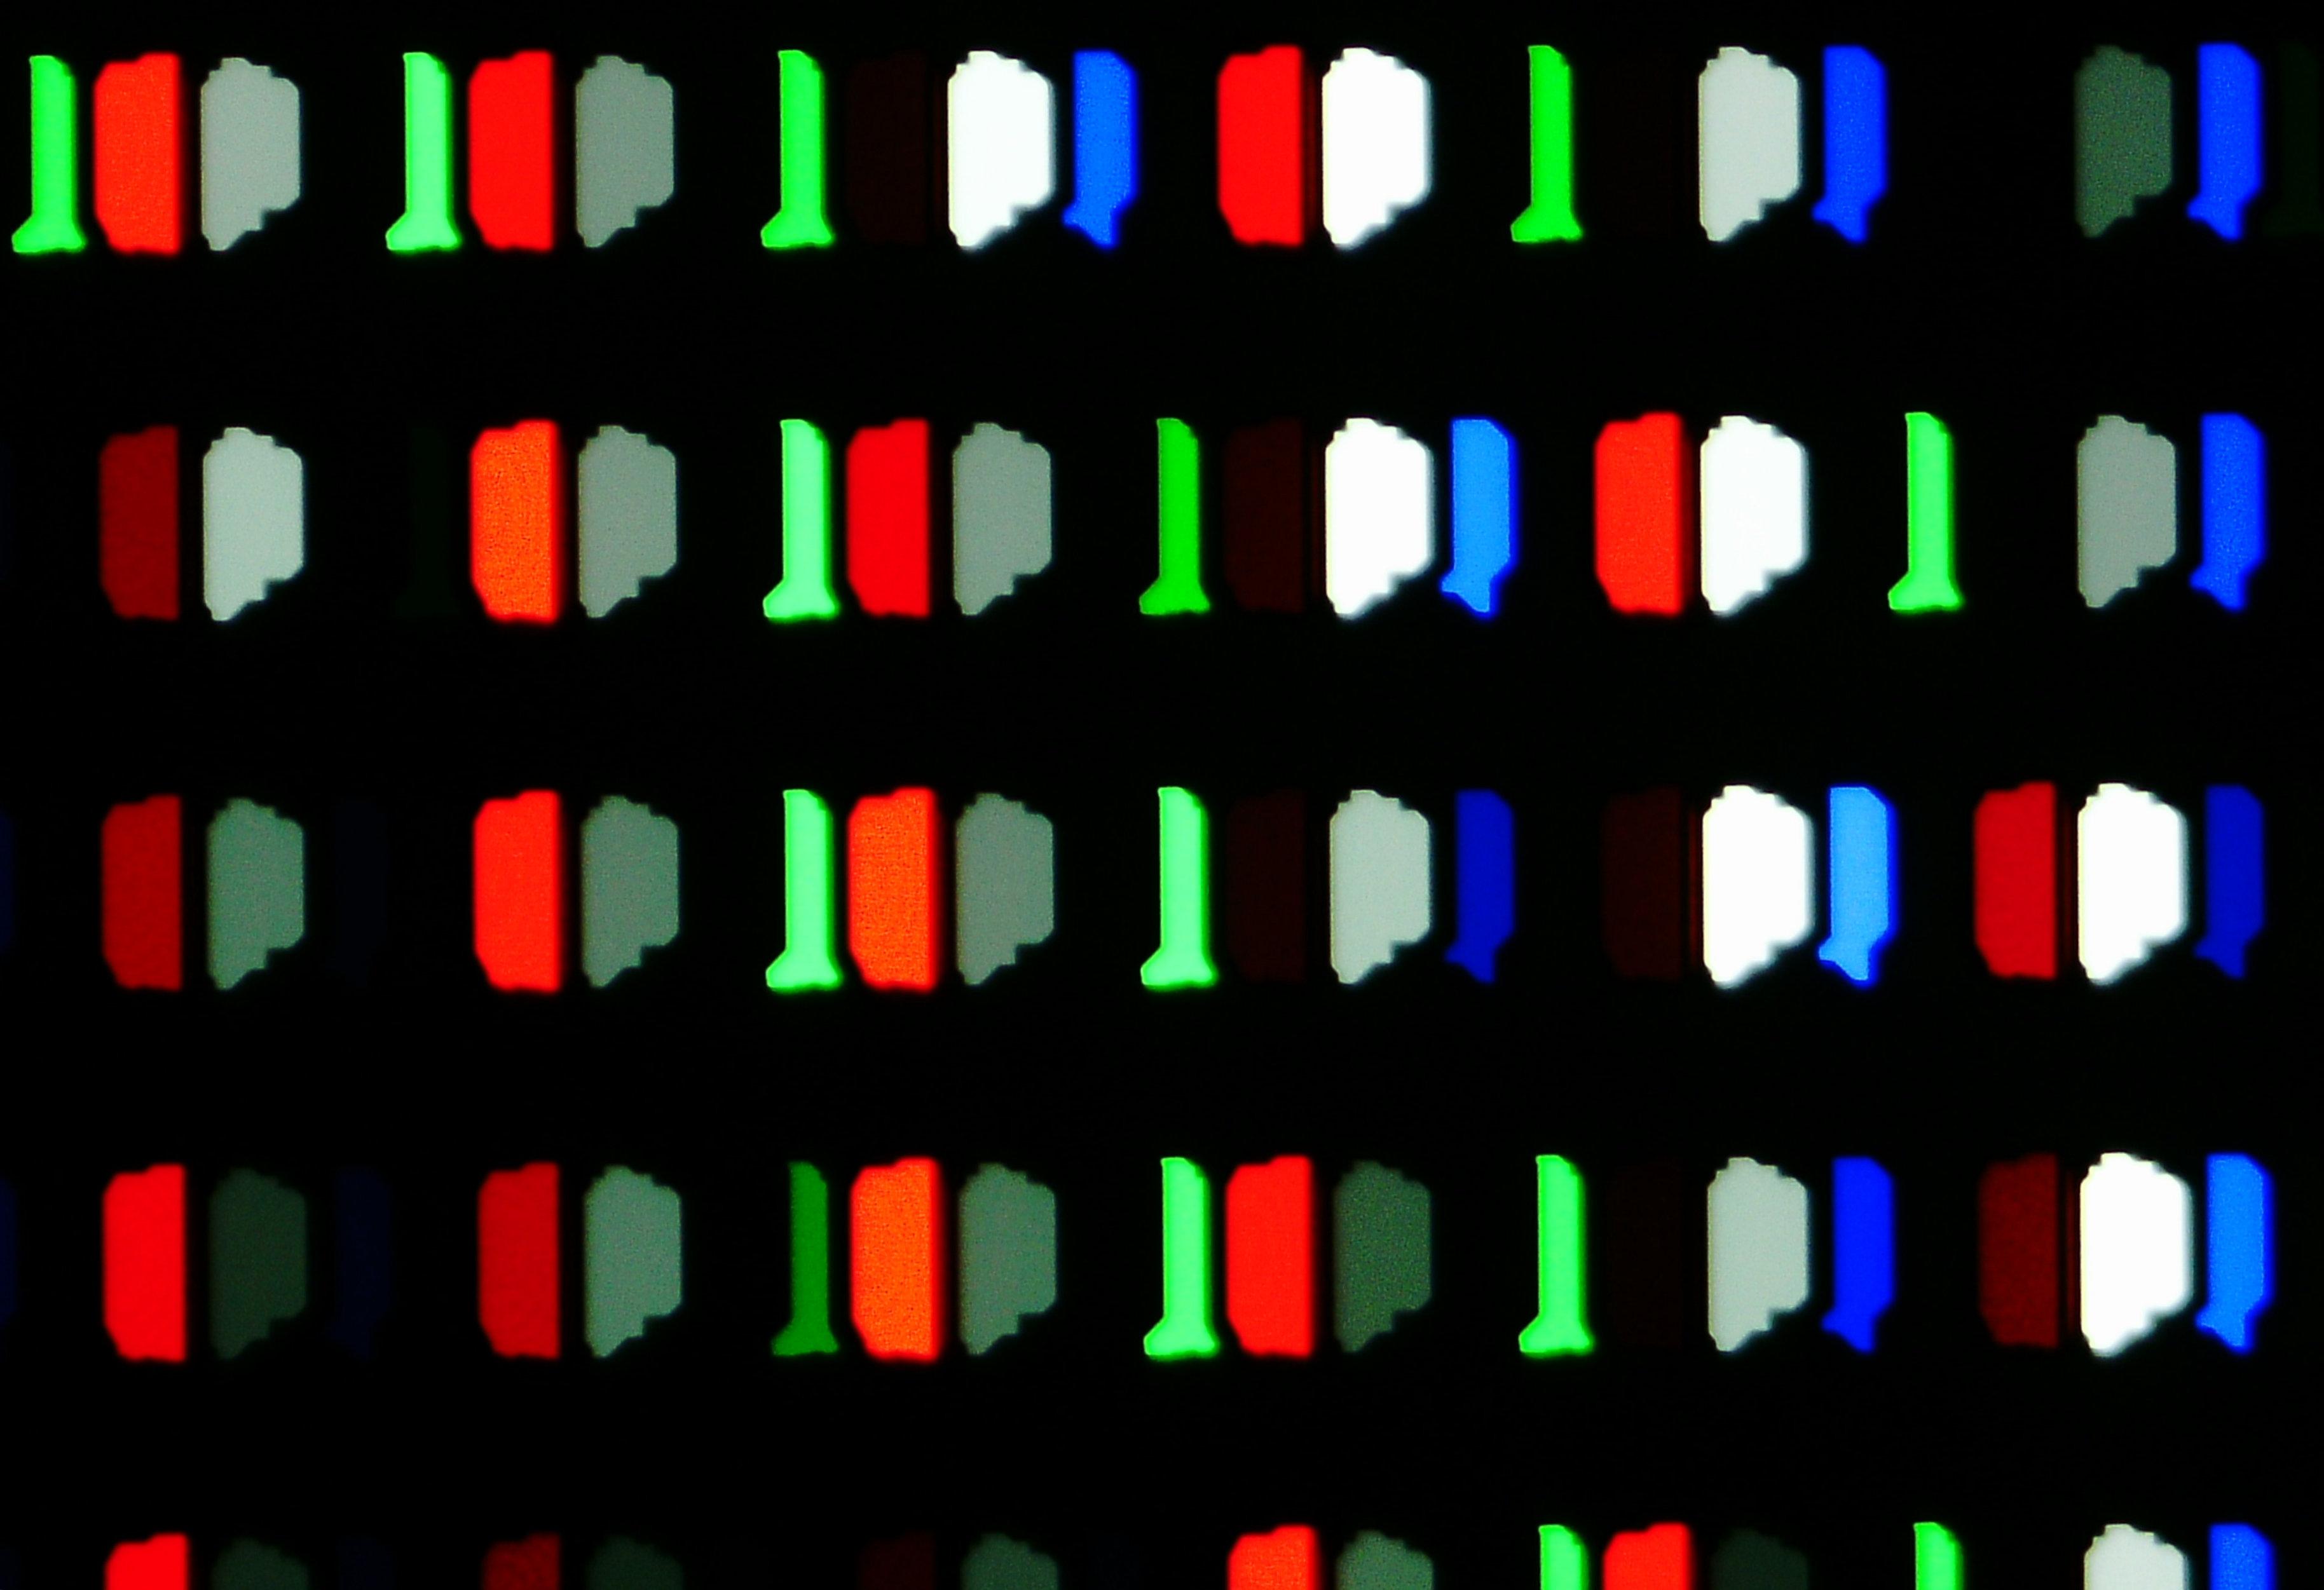 【参考】TH-55HZ2000のサブピクセルの光学300倍拡大顕微鏡写真